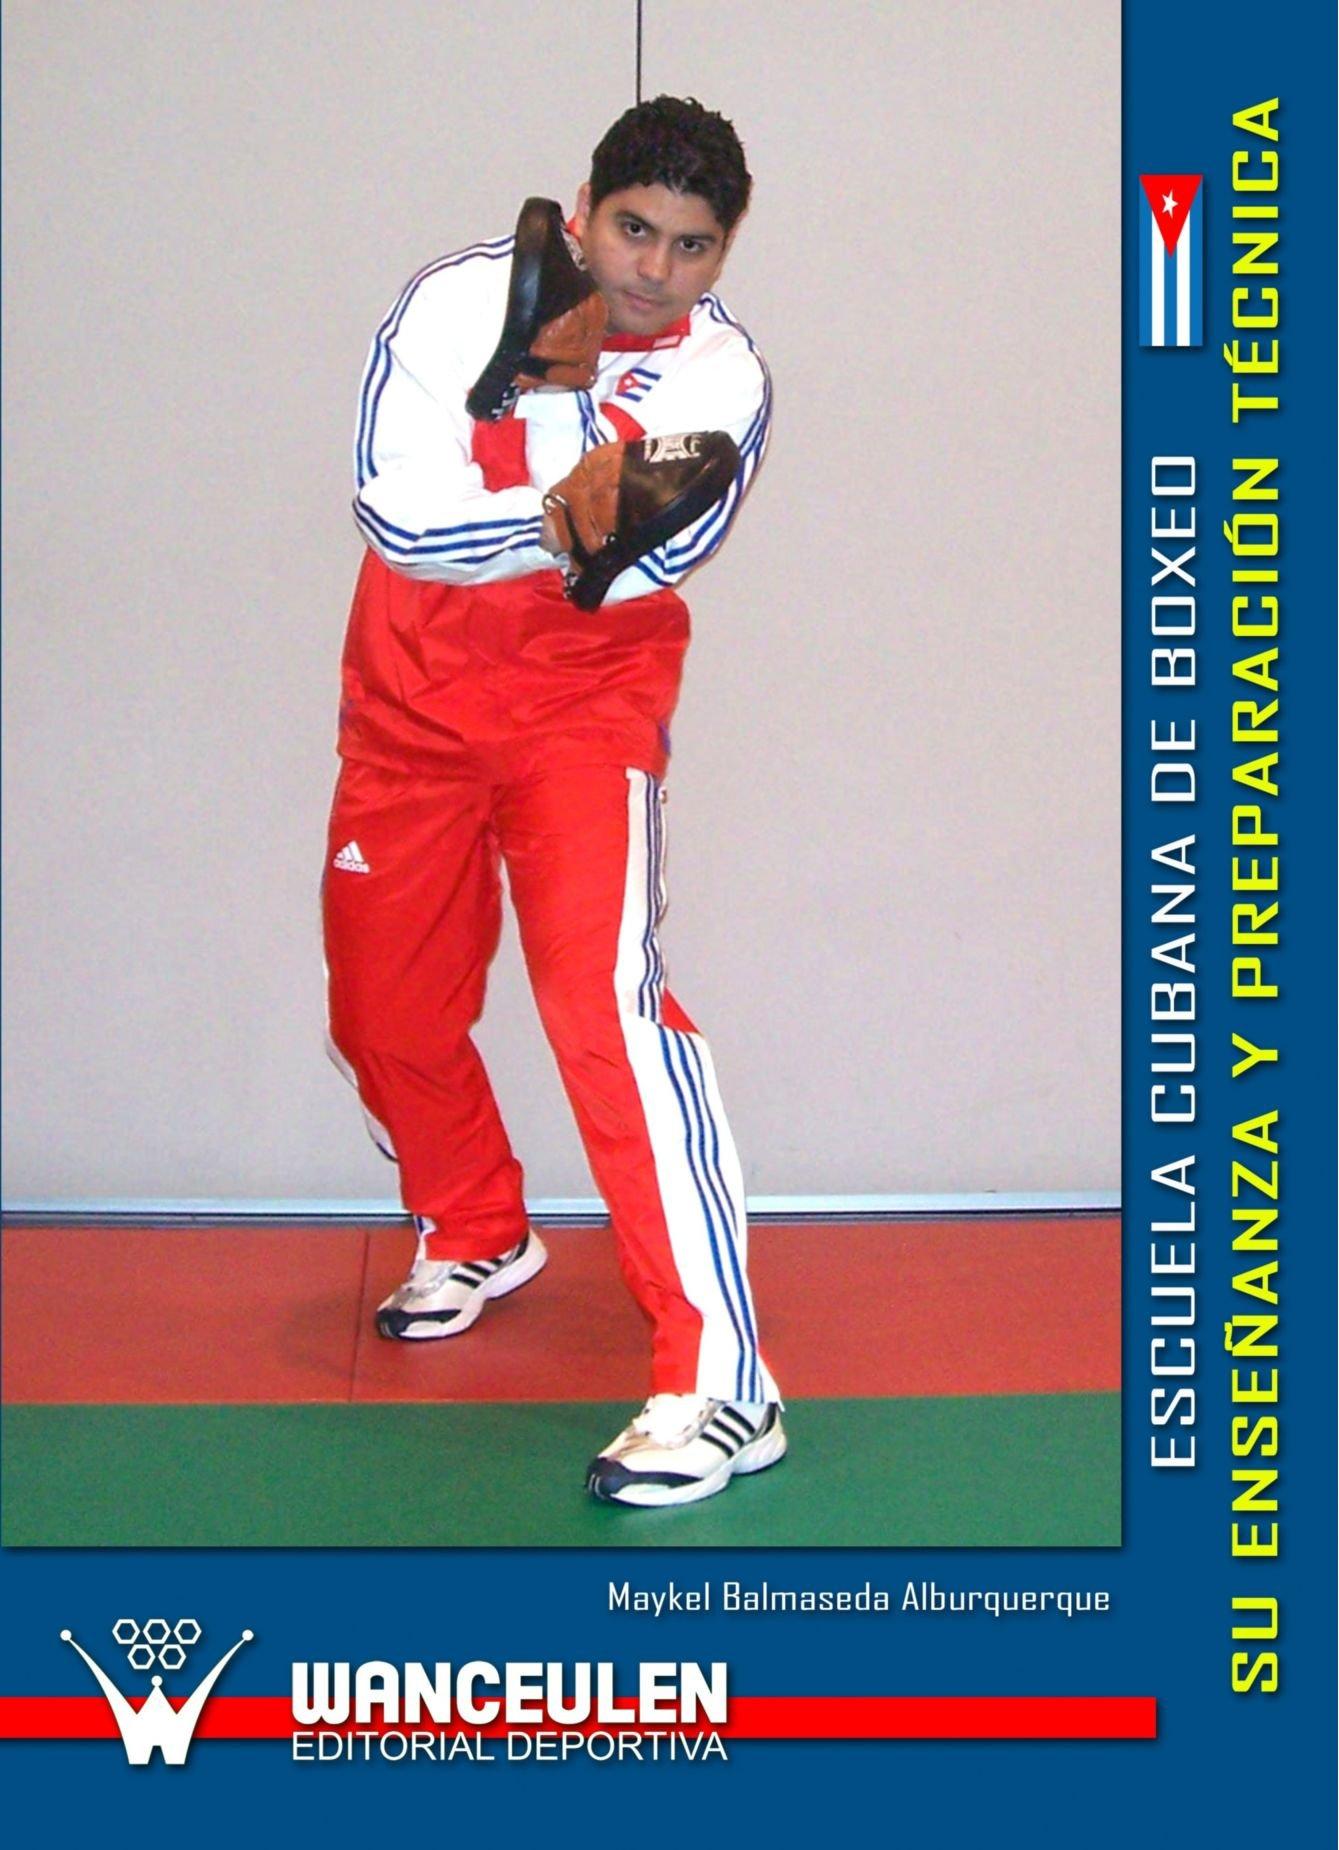 Escuela Cubana De Boxeo. Su Enseñanza Y Preparacion Tecnica: Amazon.es: Alburqueque, Maykel Balmaseda: Libros